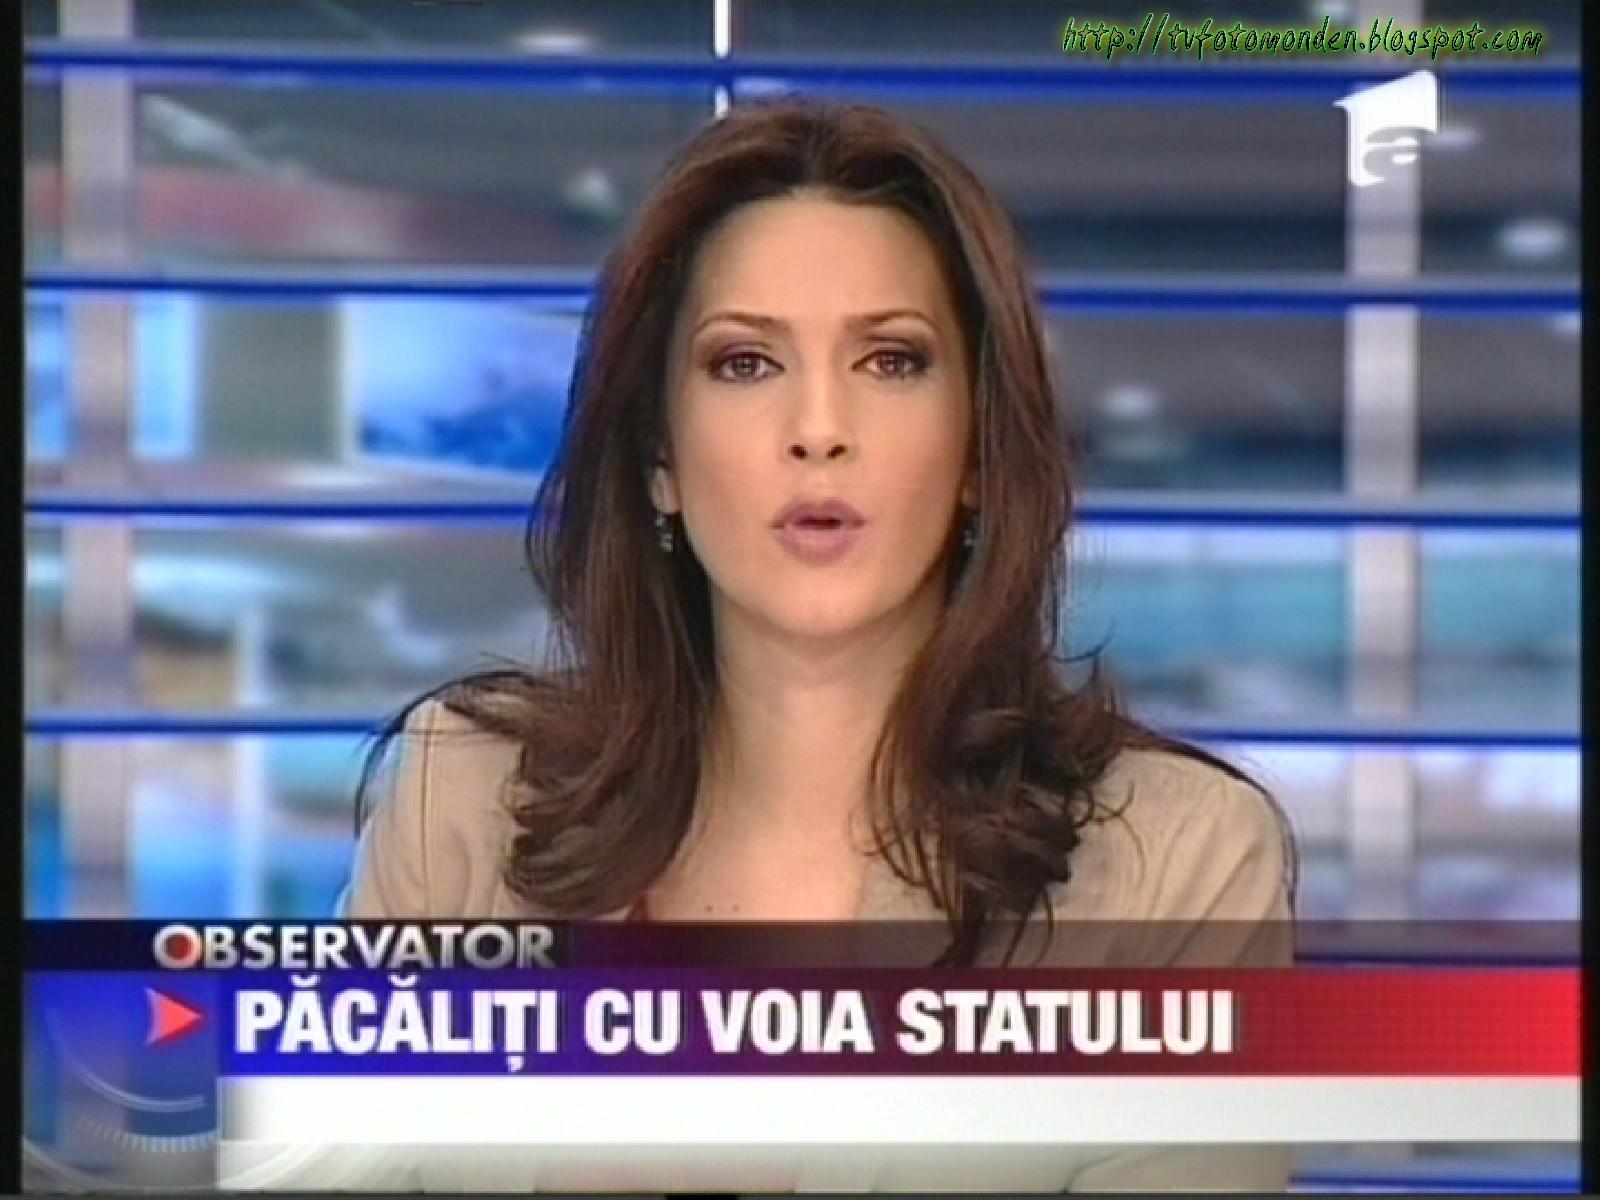 Gregorio de Rumania revine: